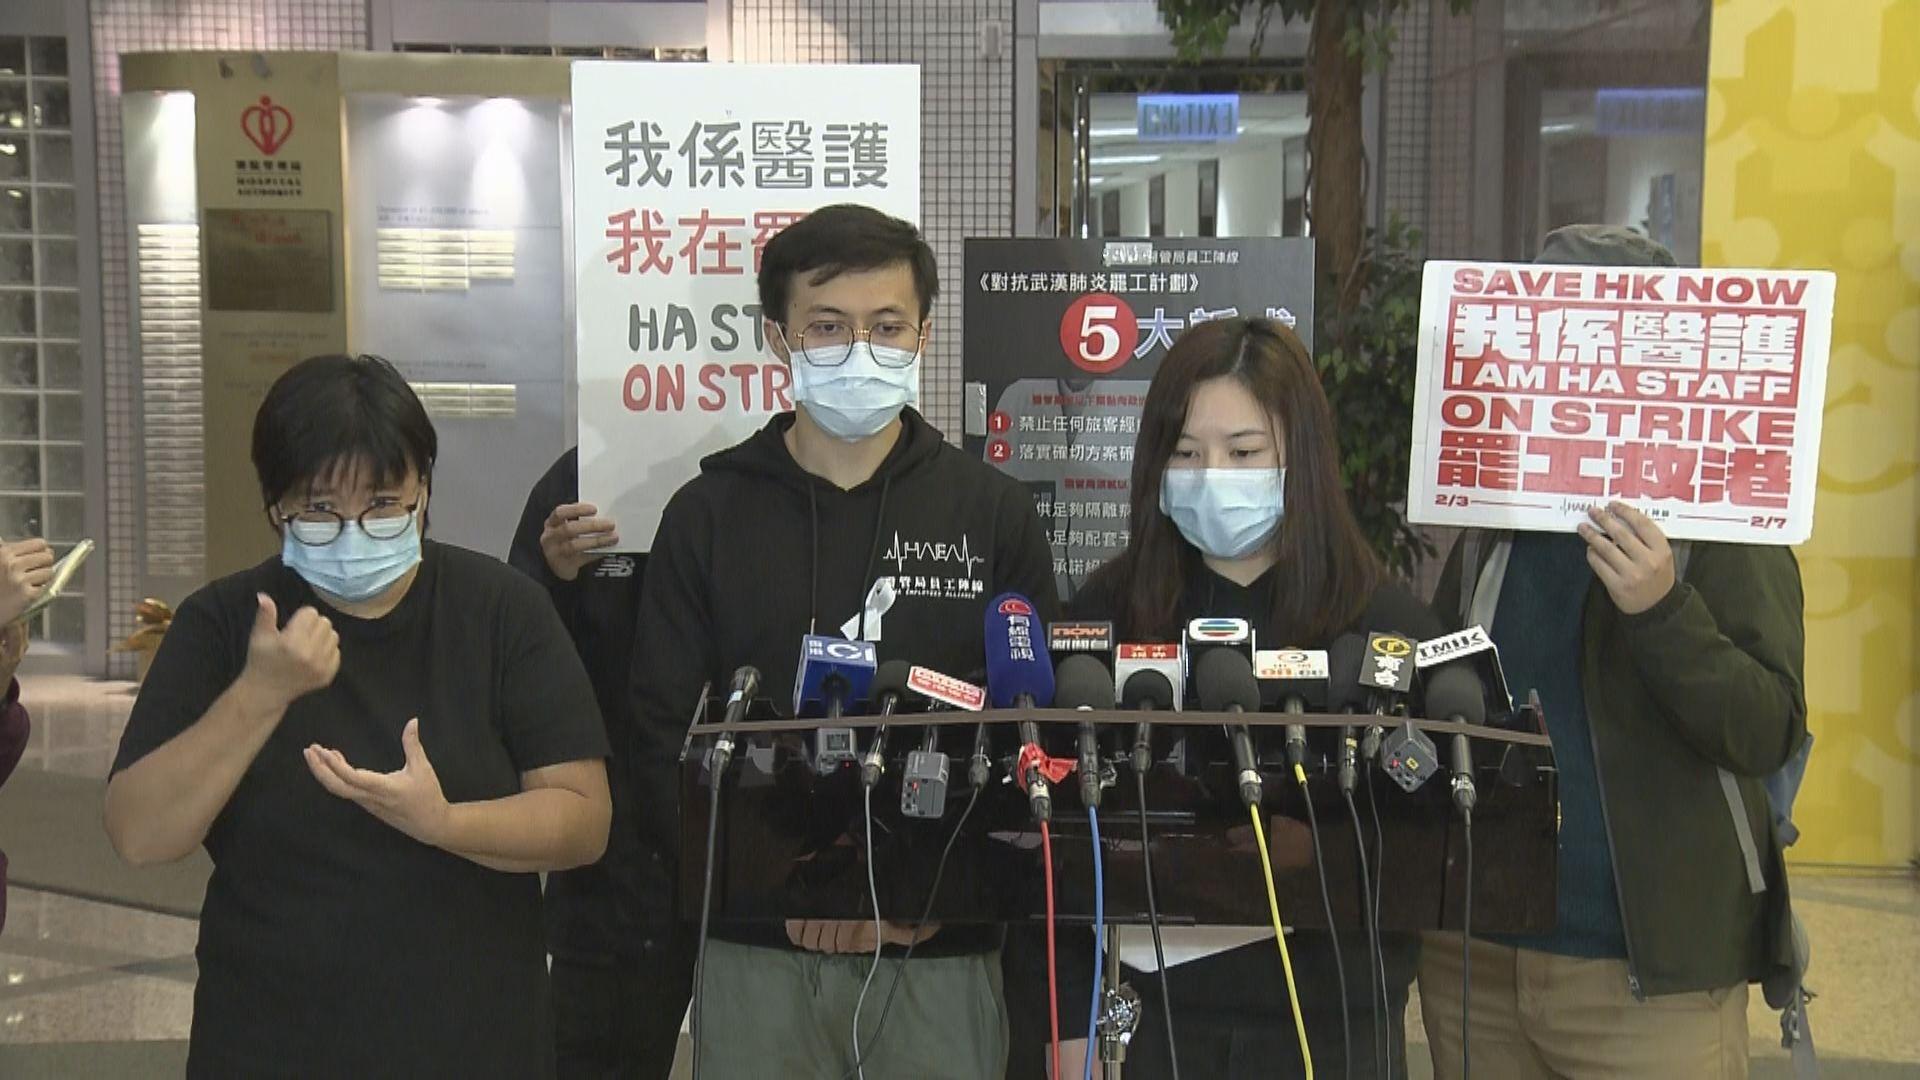 員工陣線批醫管局無回應訴求 周五會繼續罷工